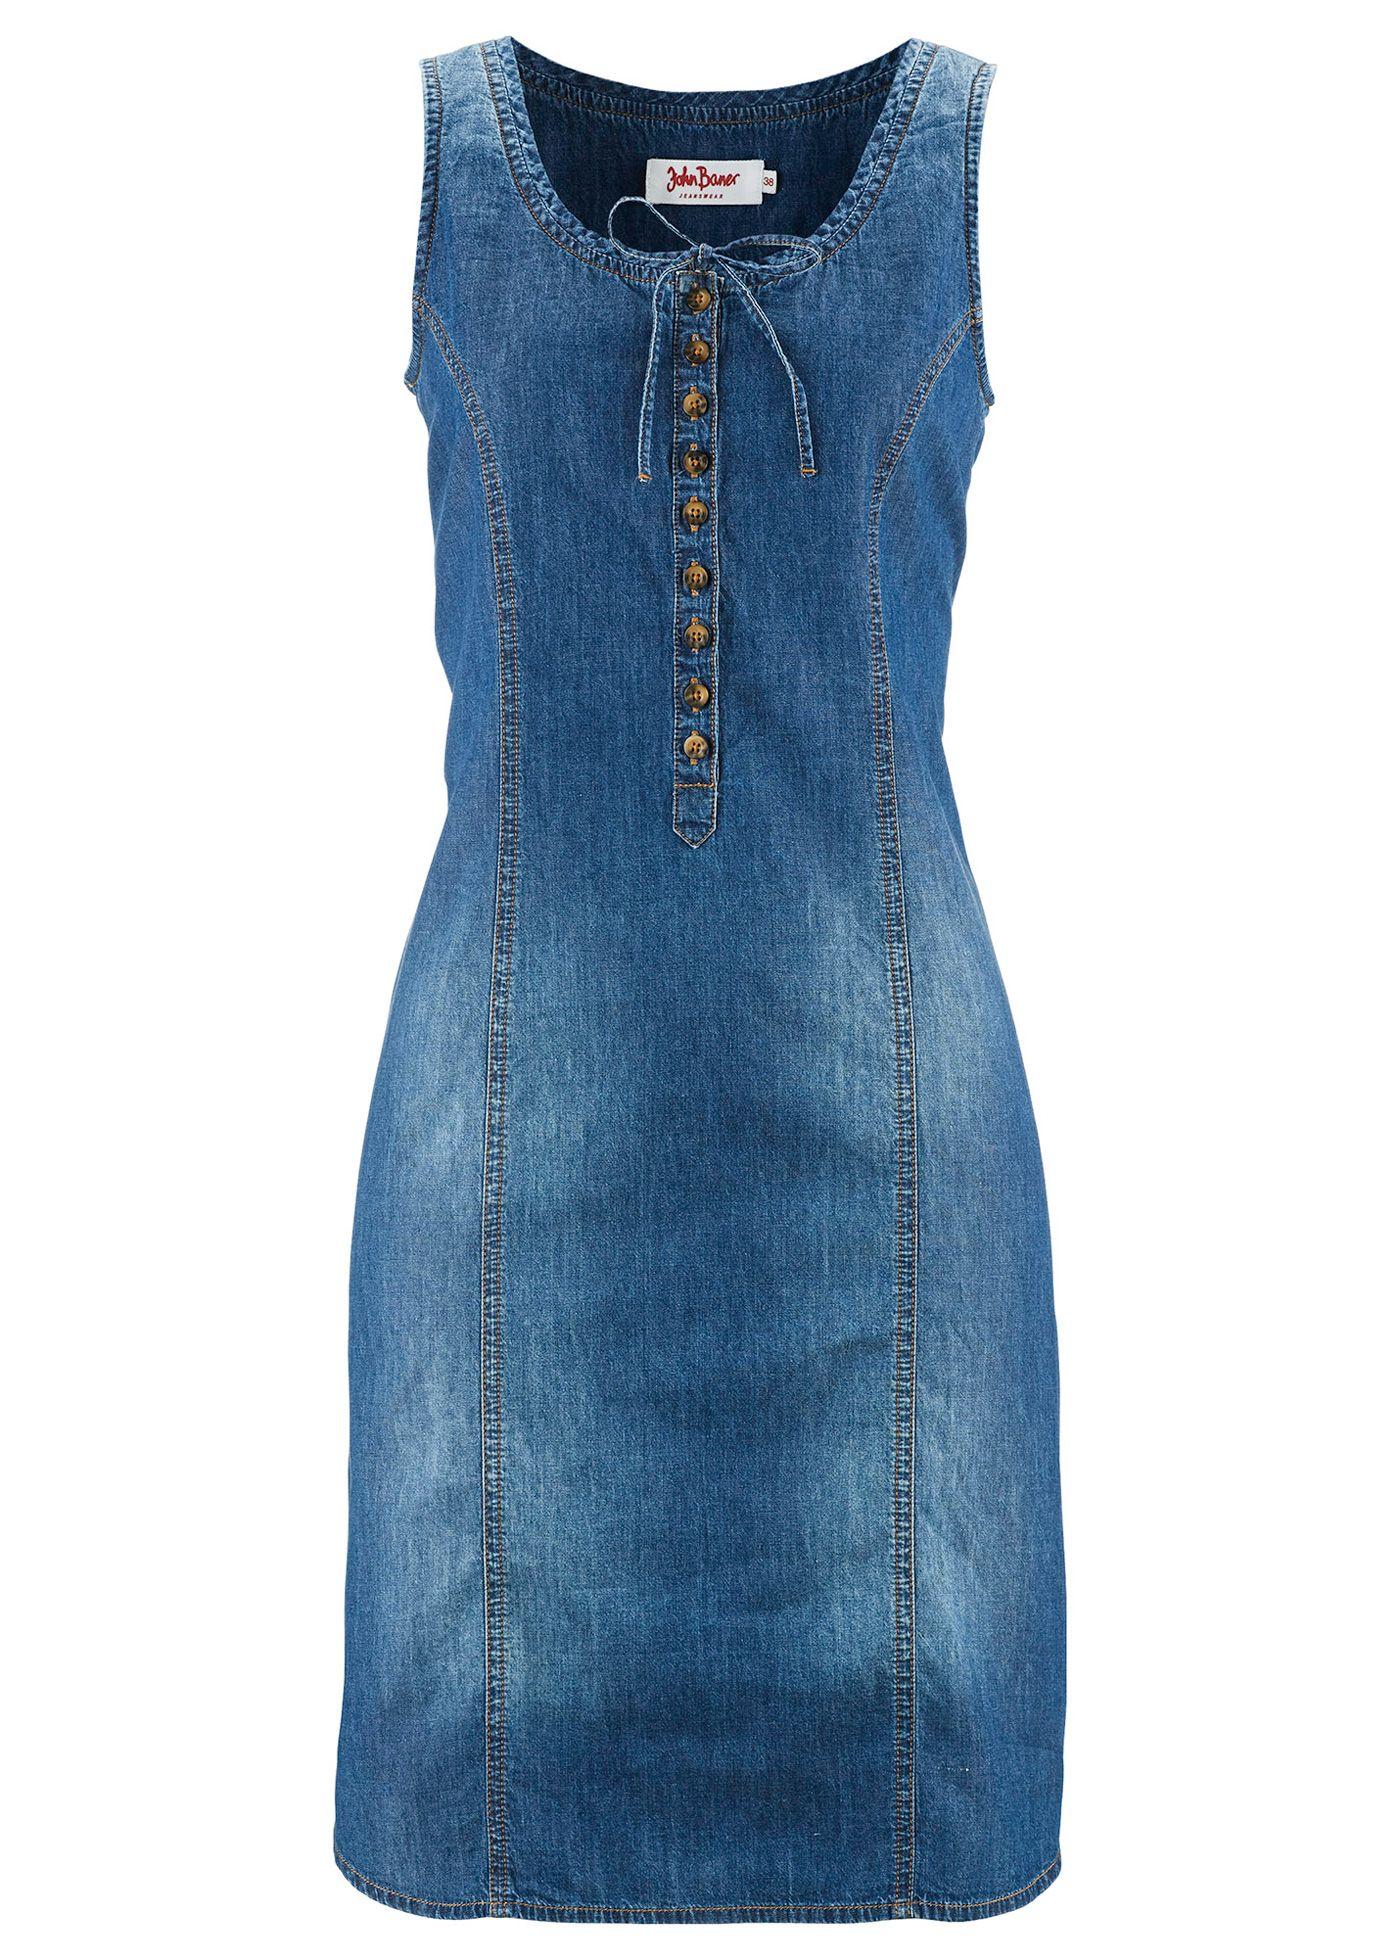 La robe en jean évasée, John Baner JEANSWEAR bon prix dommage elle taille beaucoup trop grand